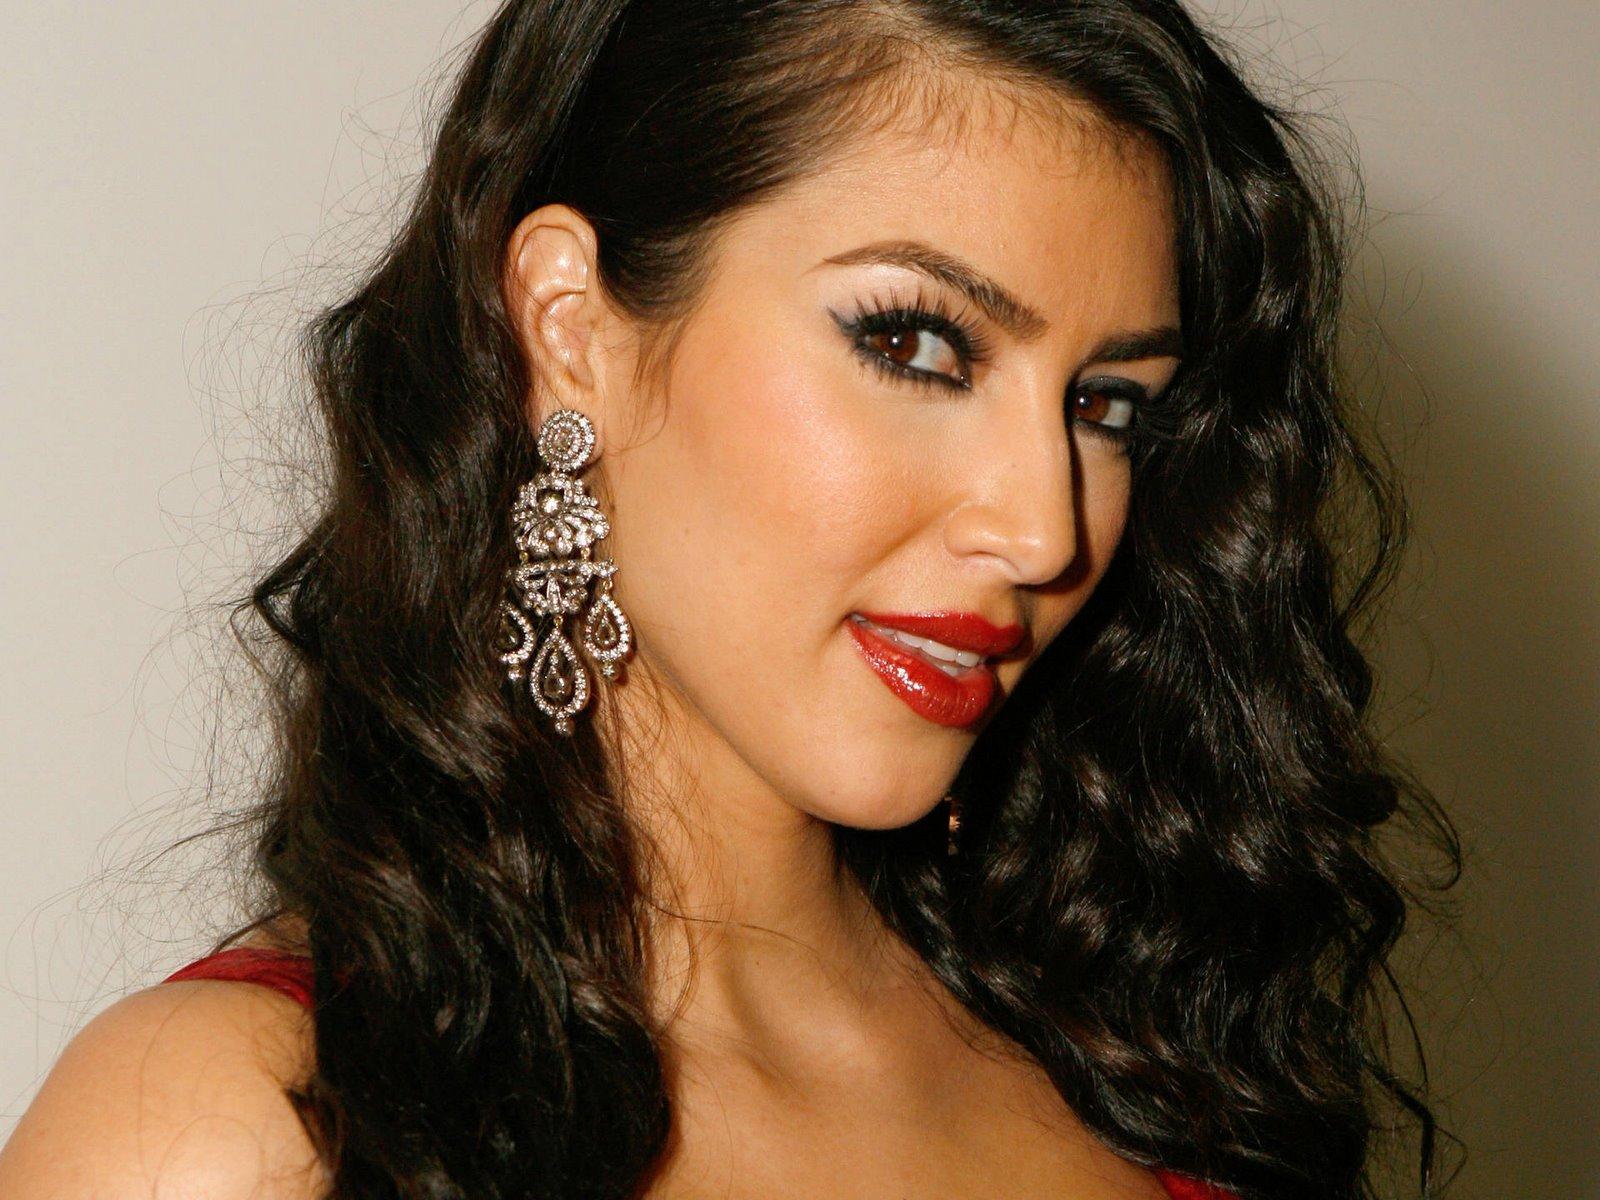 http://3.bp.blogspot.com/_Q_MQFtopsfY/SHNC0QfI1_I/AAAAAAAACcA/jS76aVvn844/s1600/Fullwalls.blogspot.com_Kim_Kardashian(11).jpg